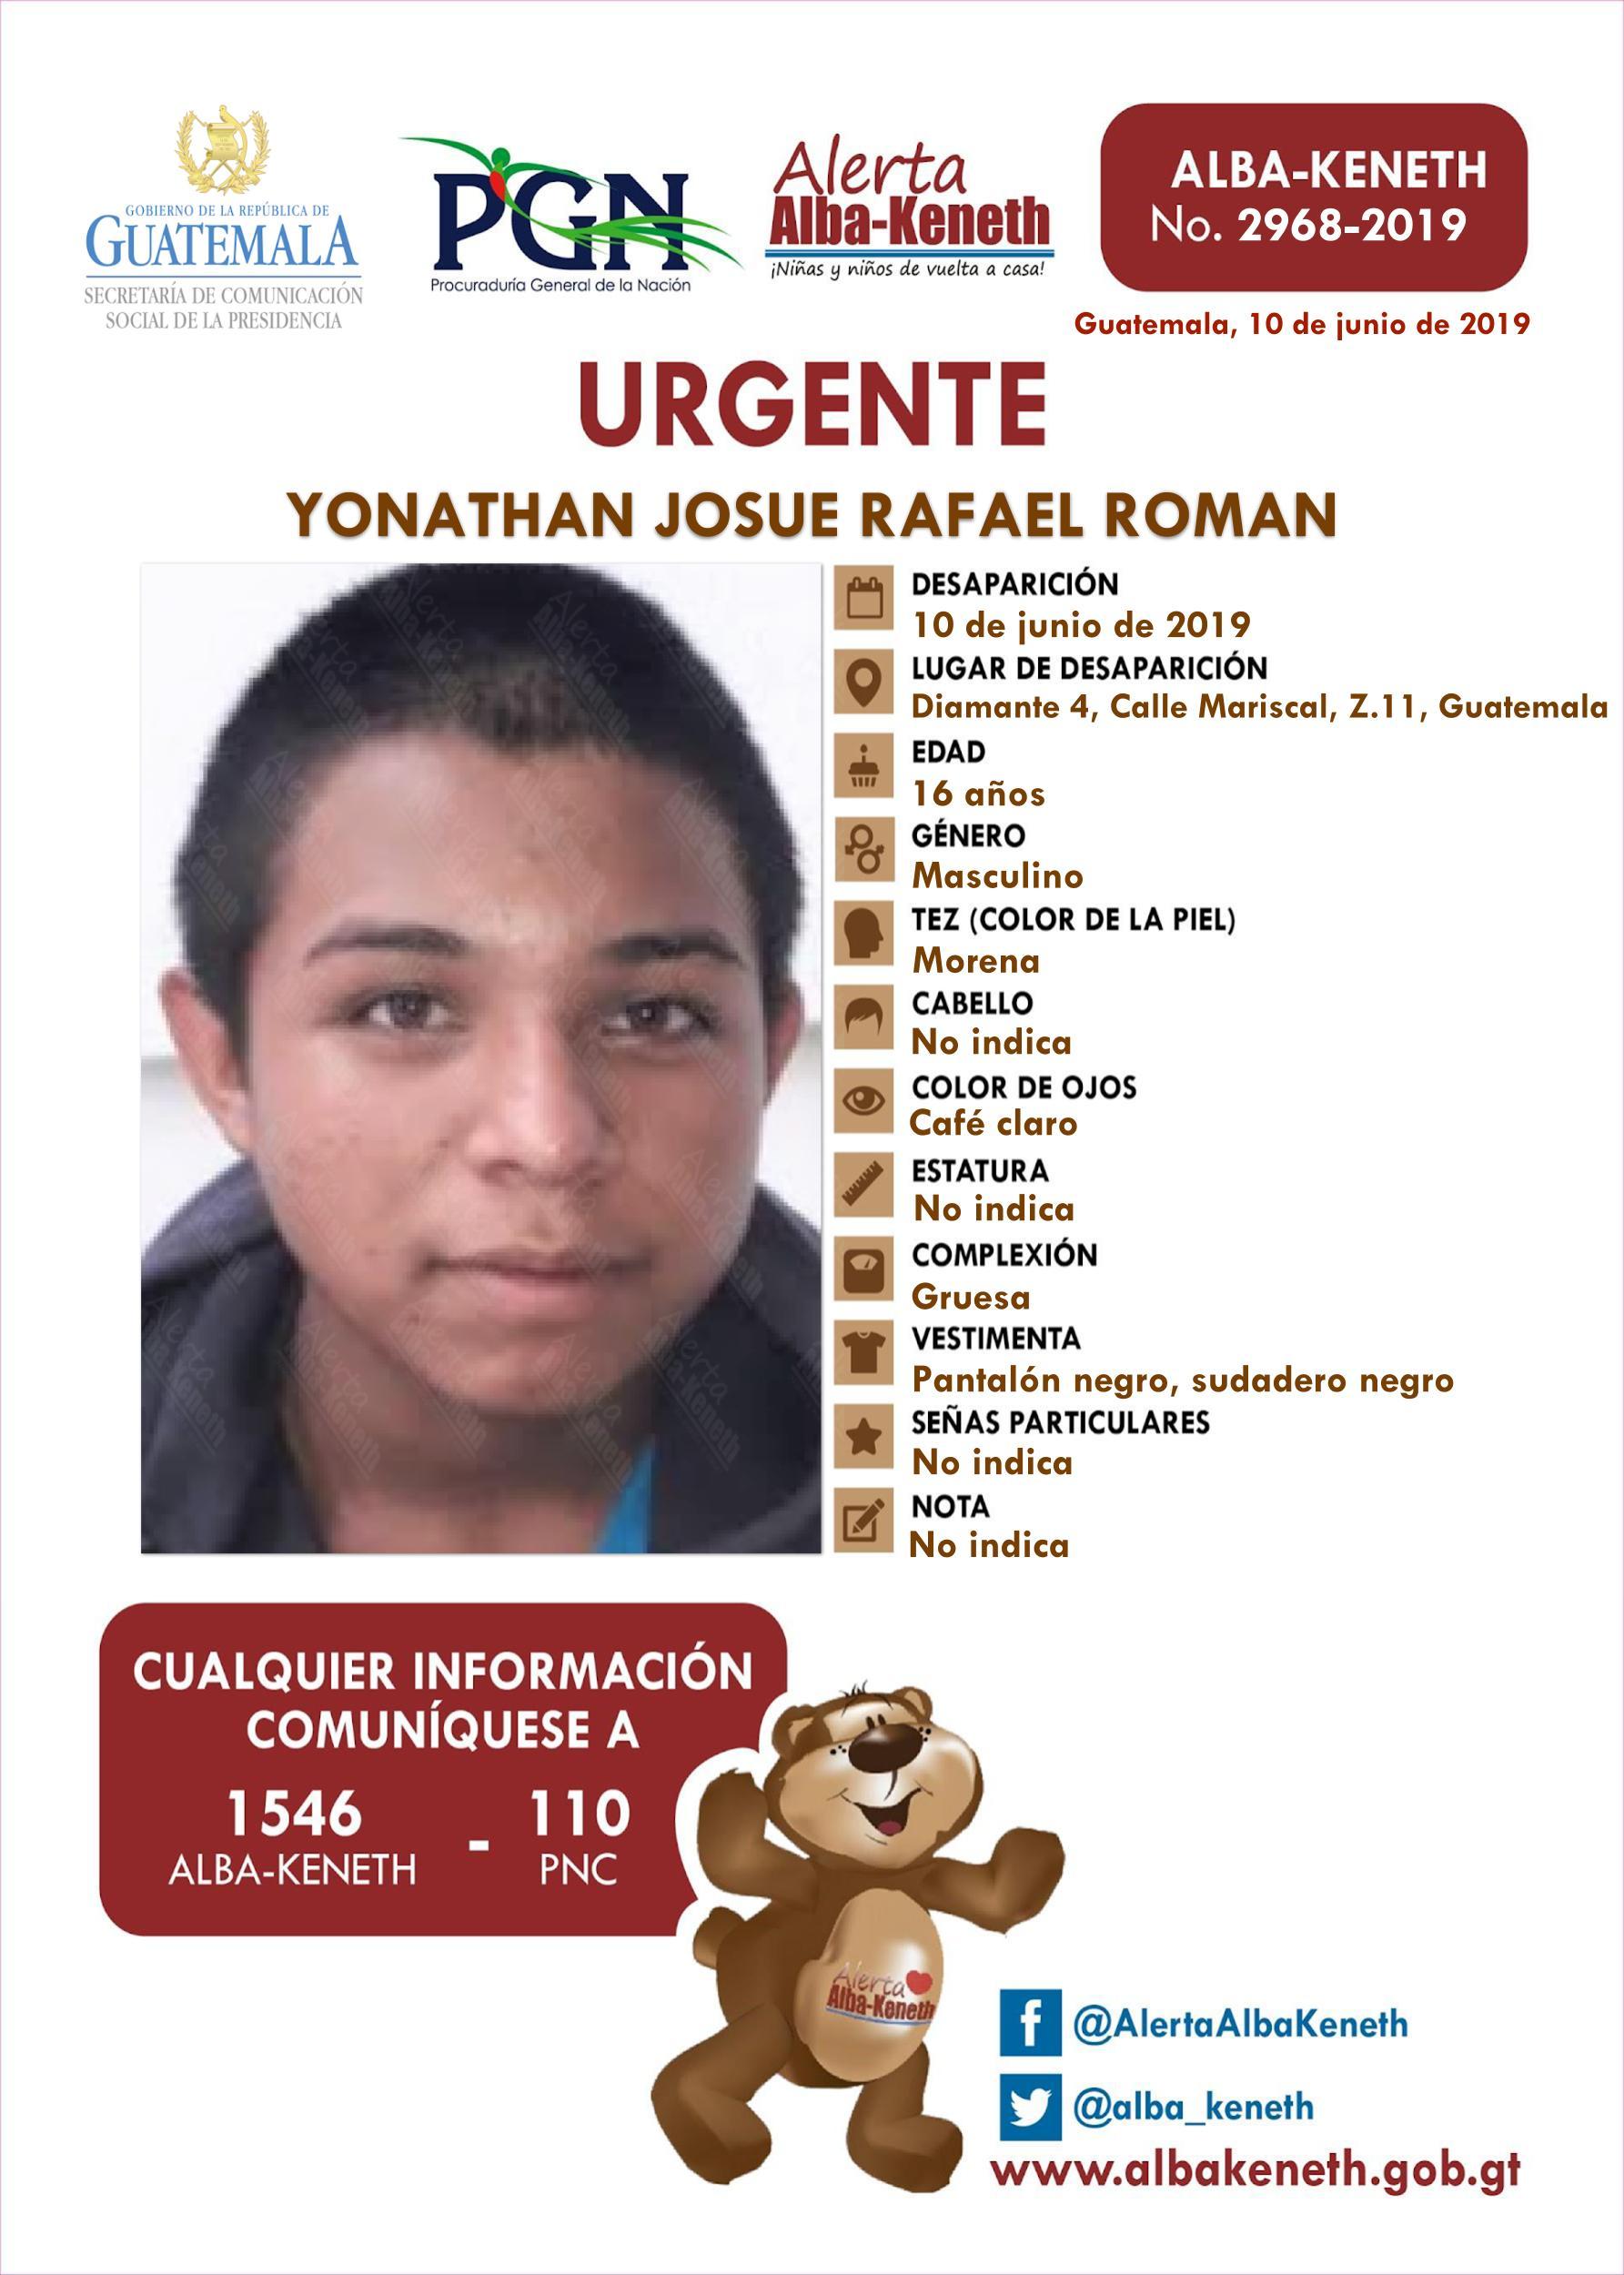 Yonathan Josue Rafael Roman